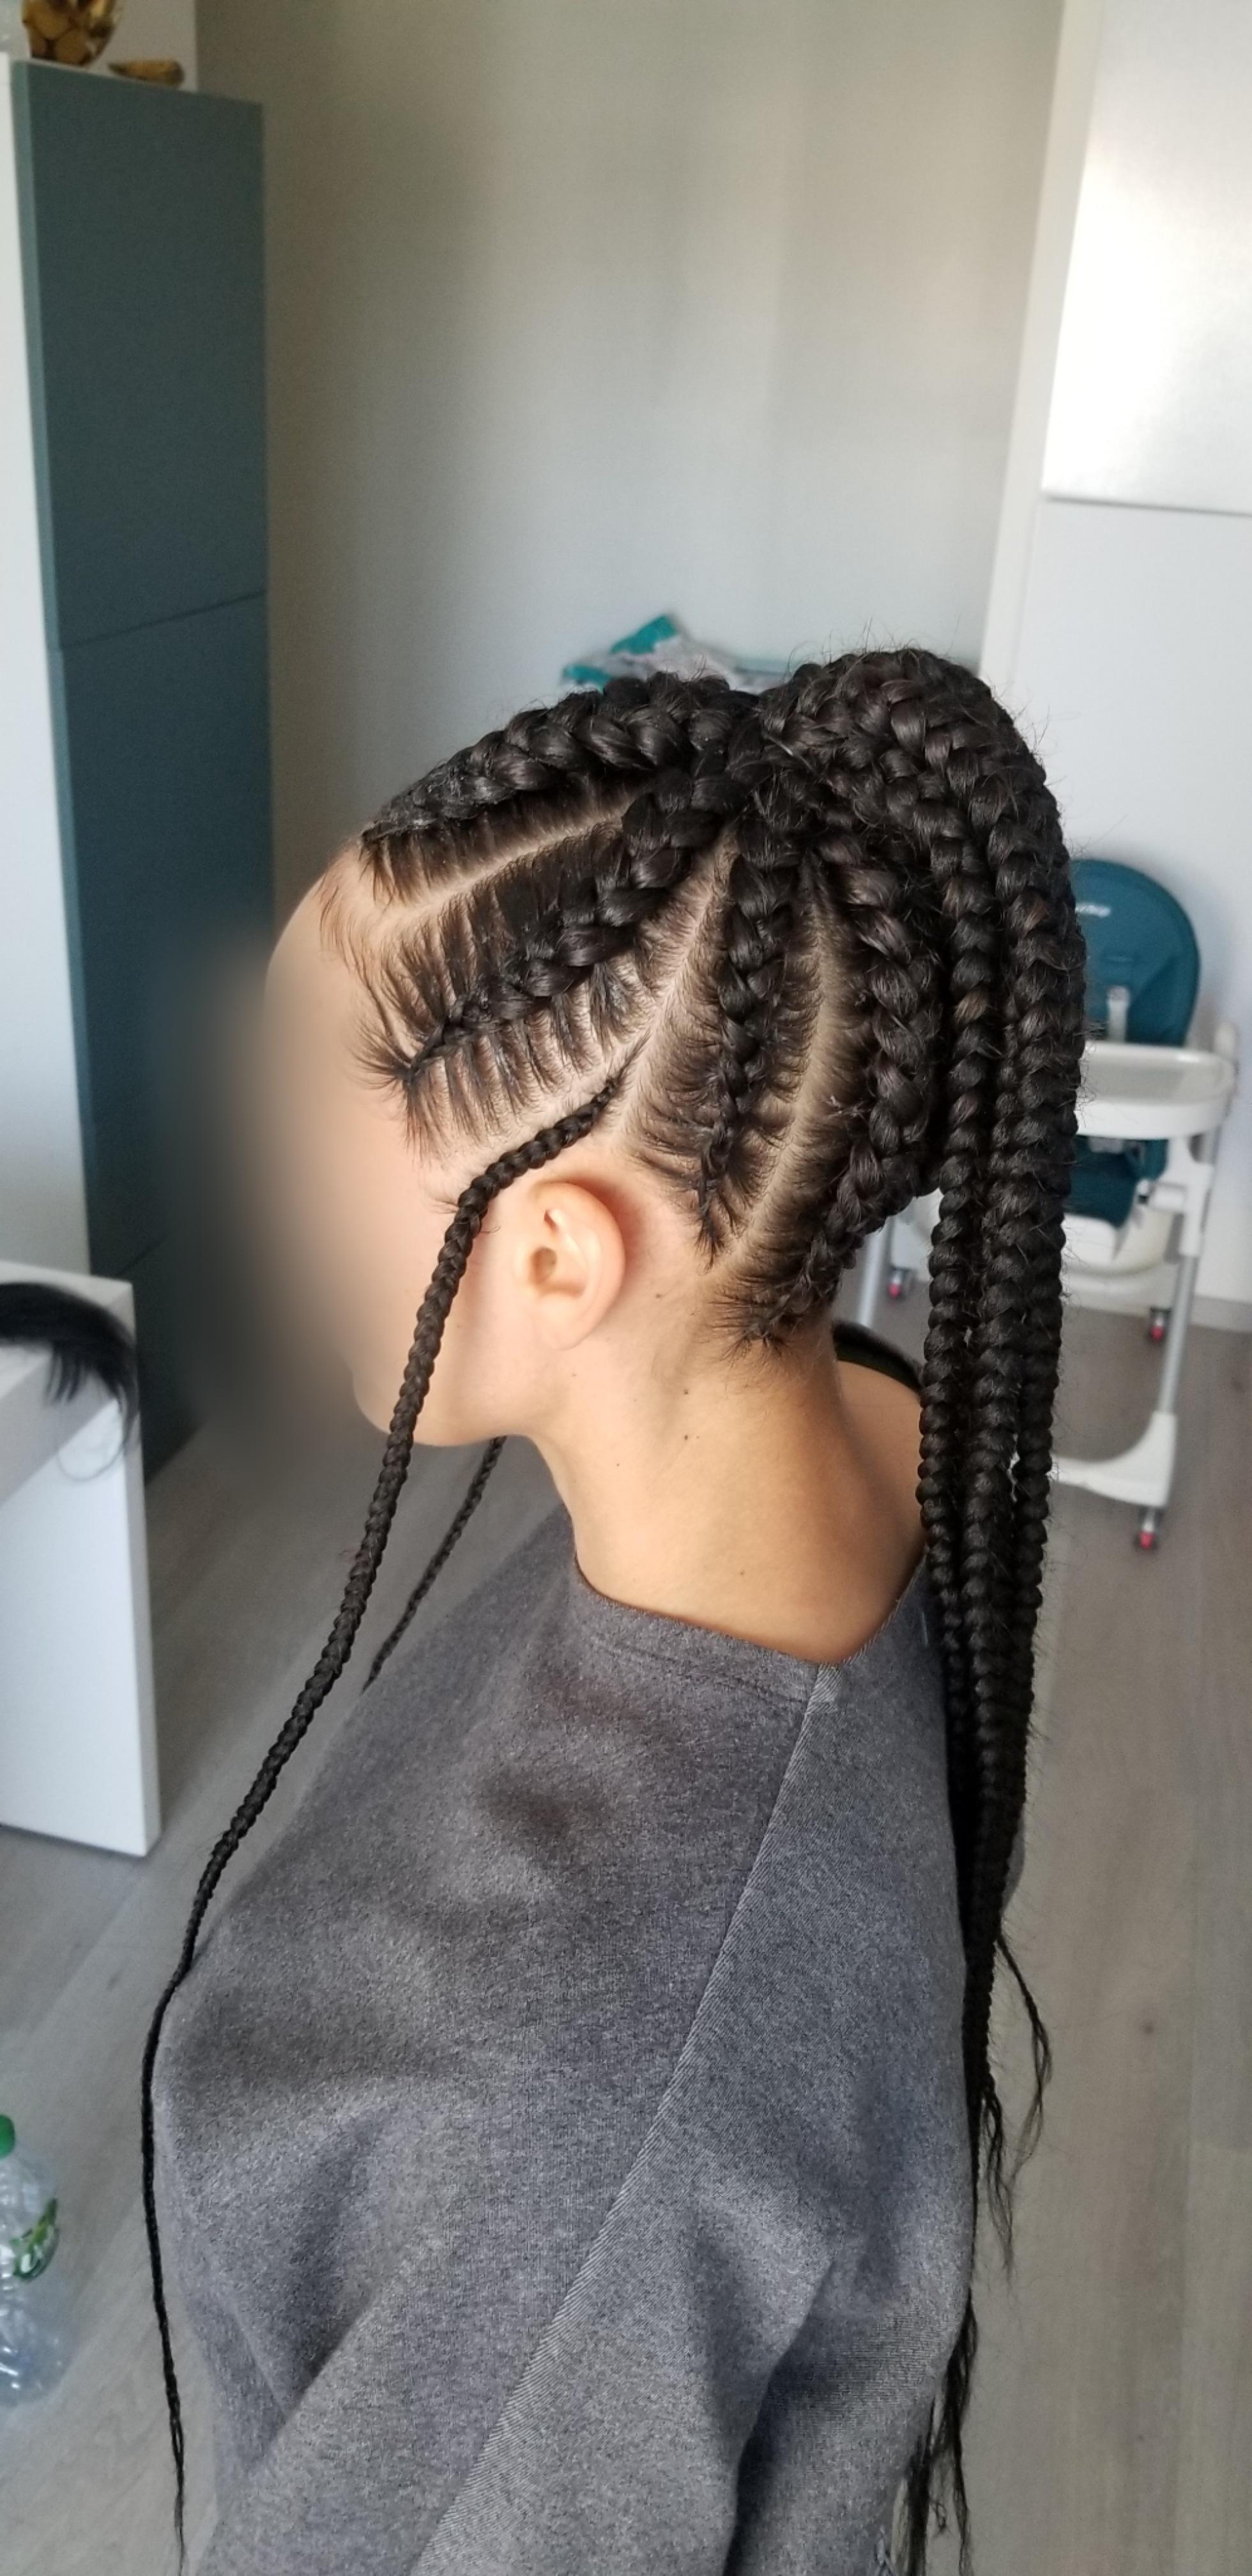 salon de coiffure afro tresse tresses box braids crochet braids vanilles tissages paris 75 77 78 91 92 93 94 95 CZKKSTDZ